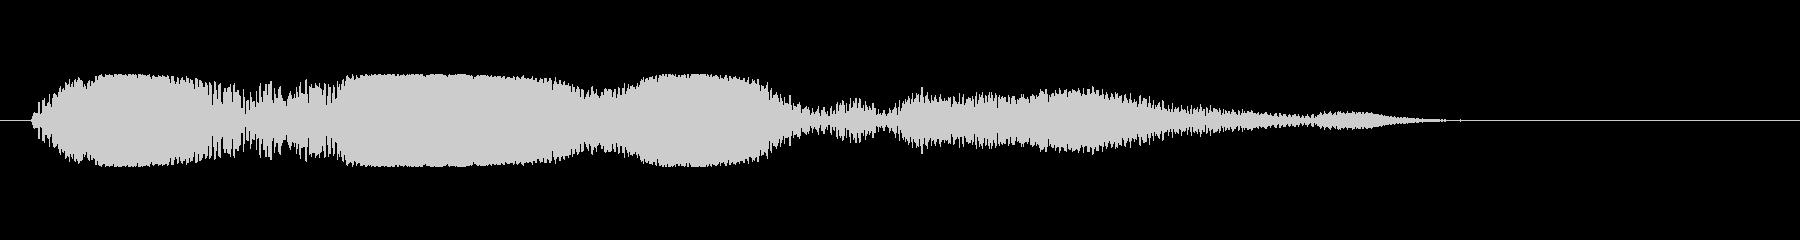 低電力バズのパルスの未再生の波形